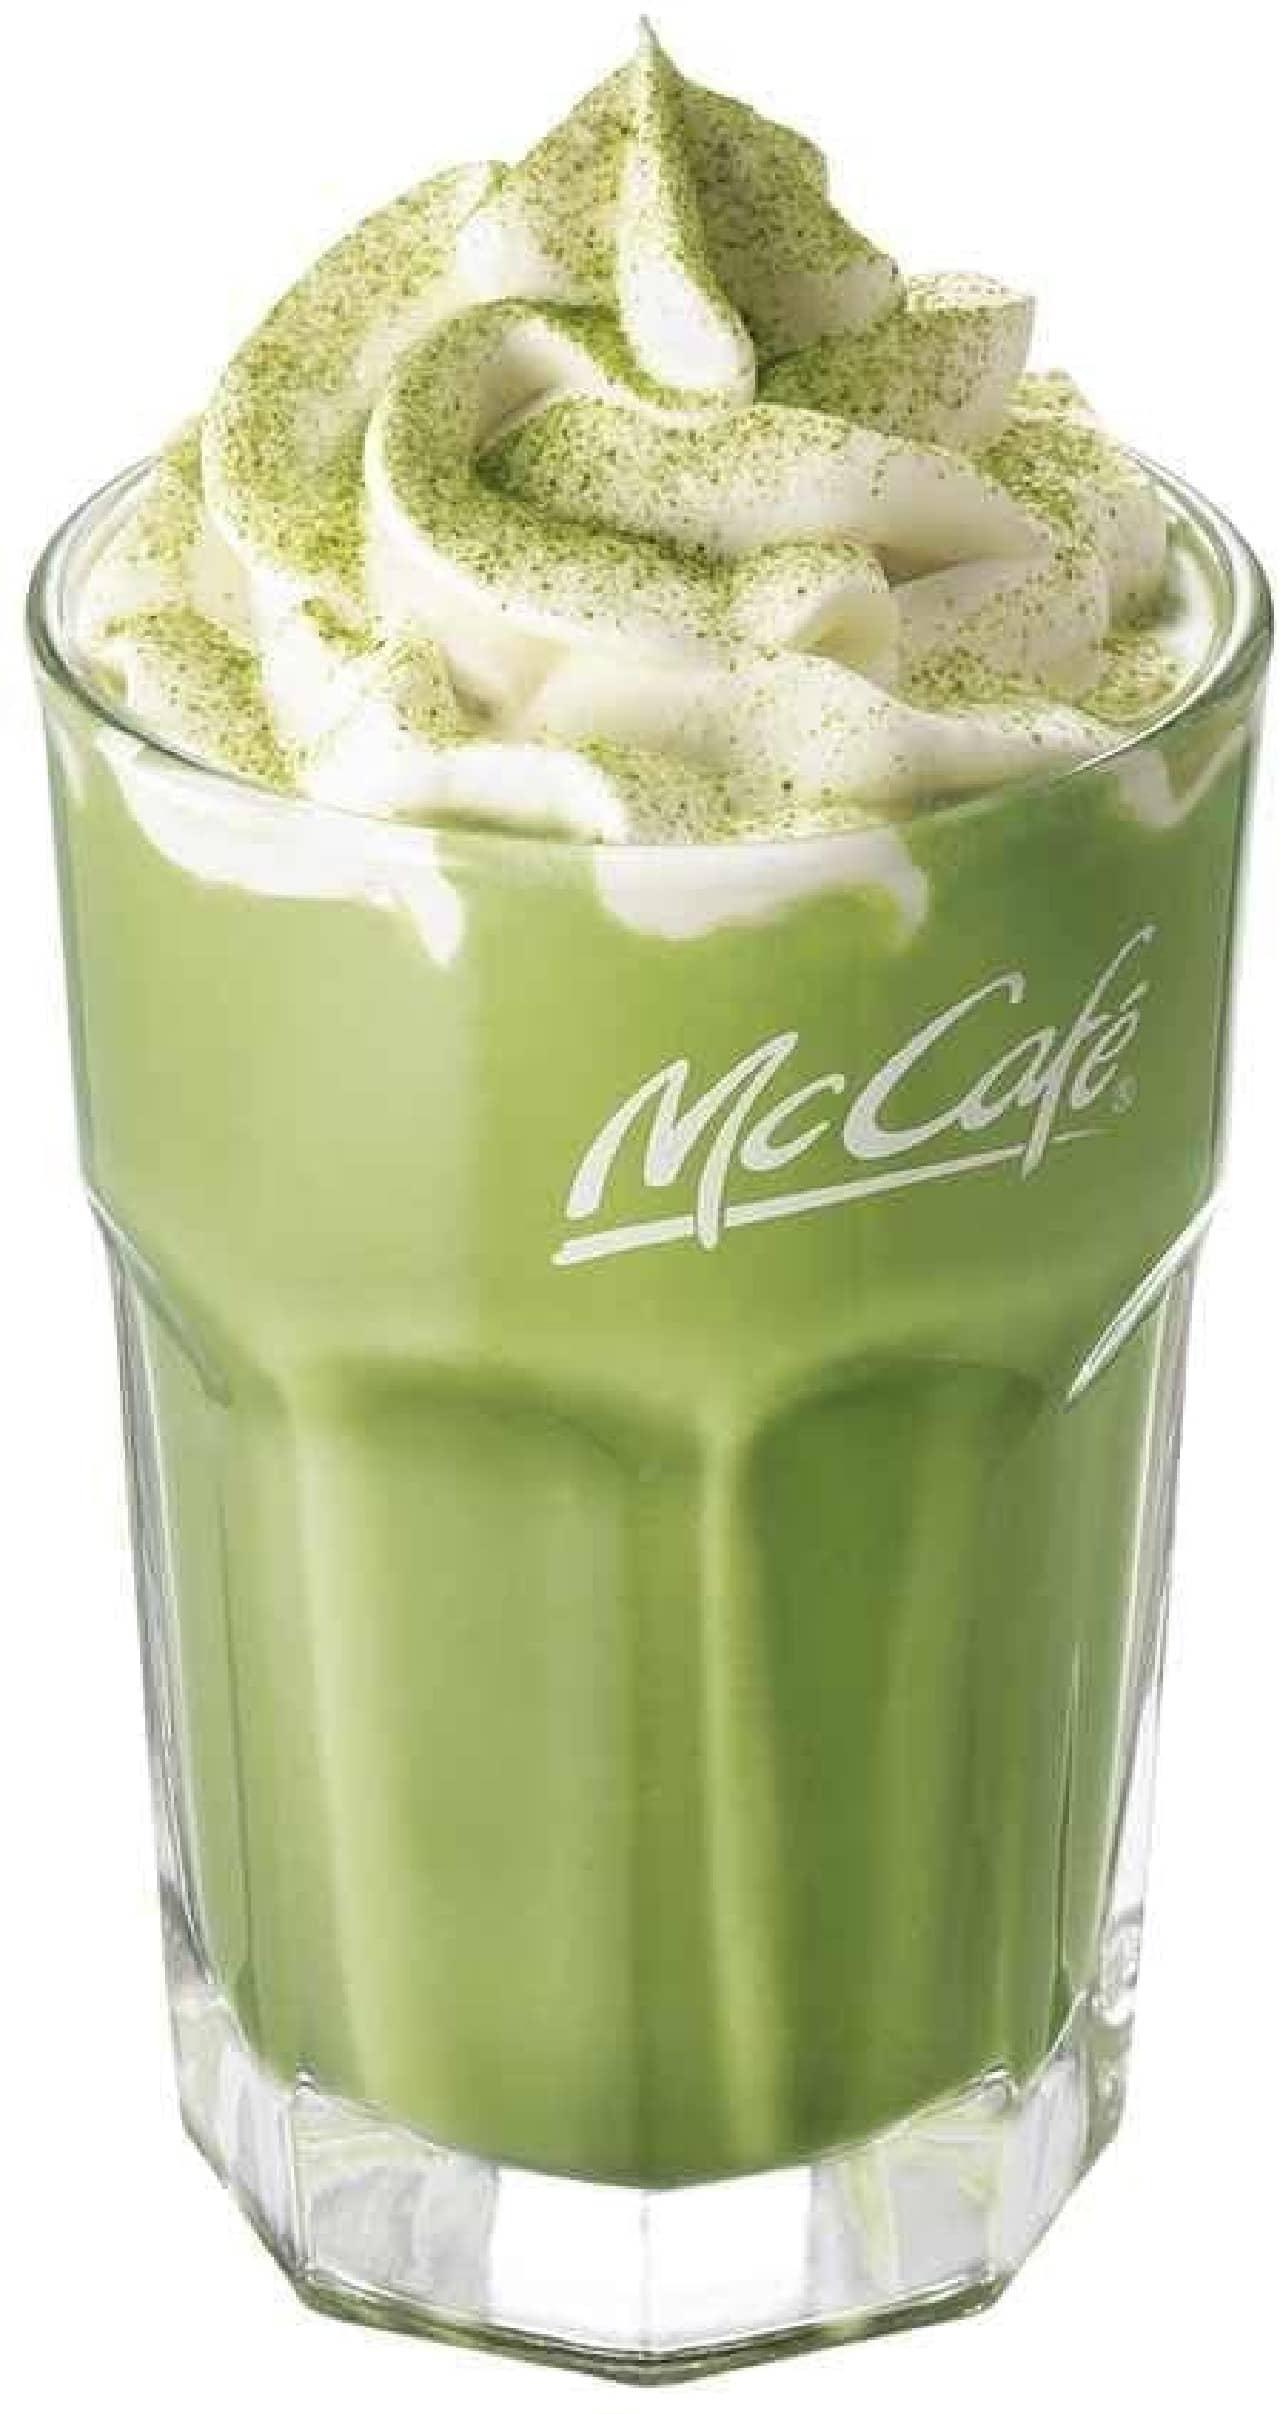 マックカフェ「アイス抹茶ラテ」